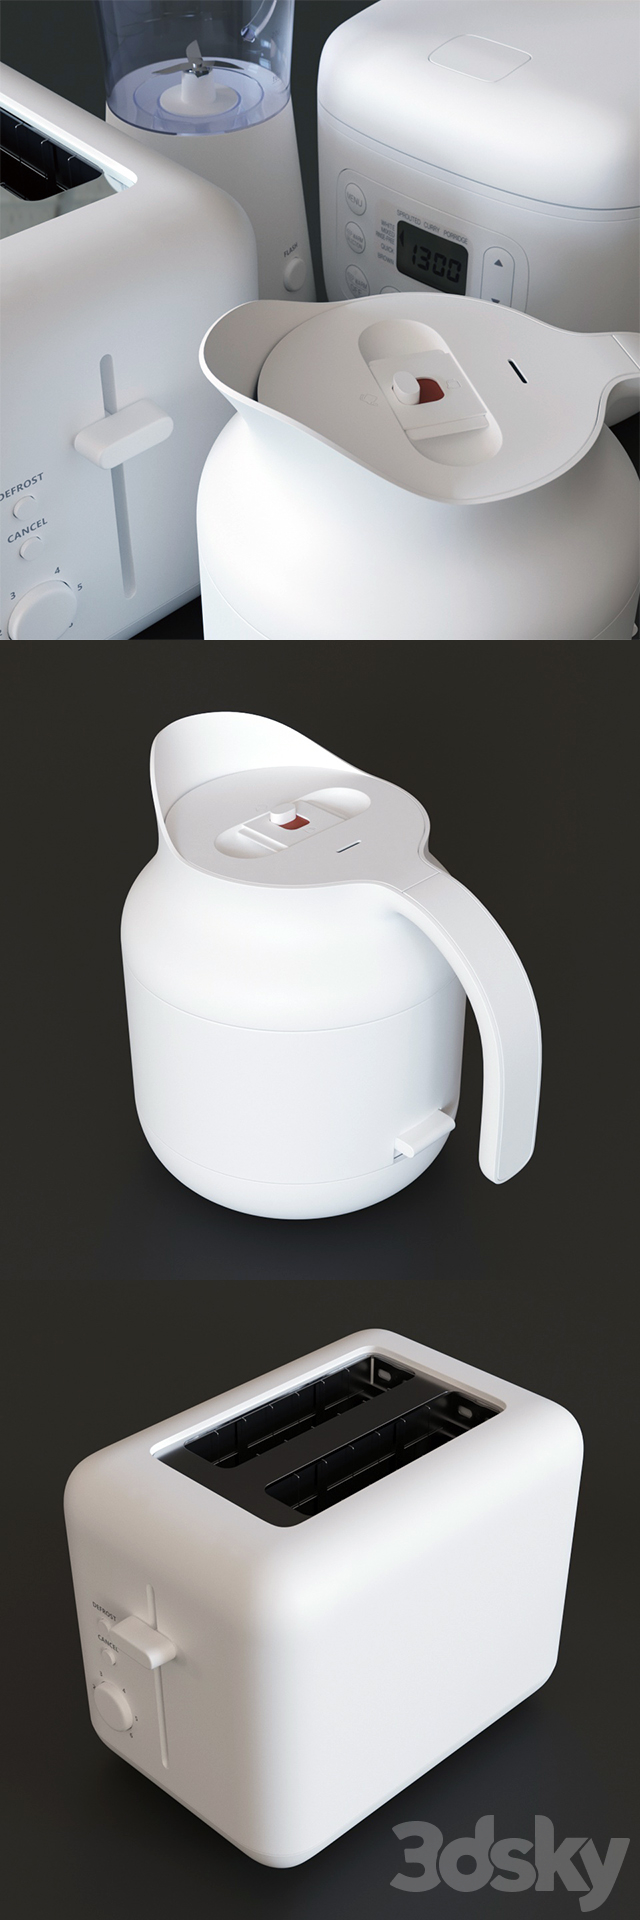 Home appliances Muji